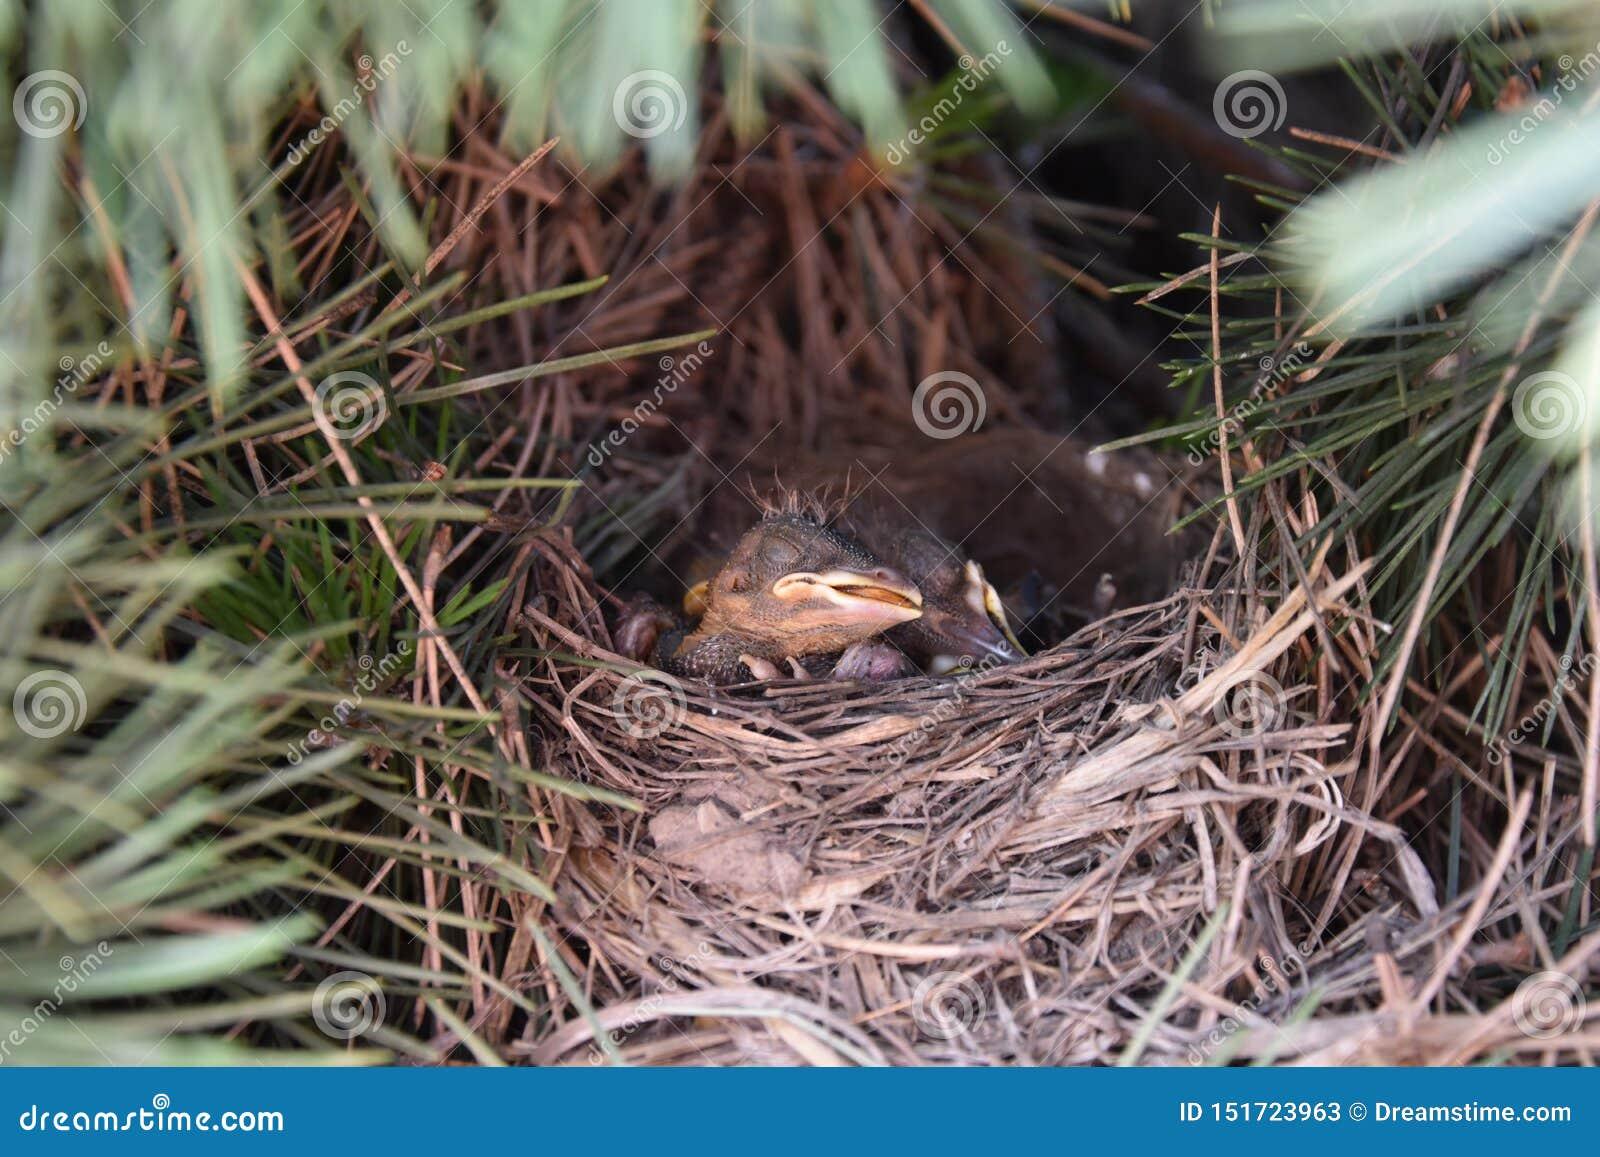 Pájaros el dormir